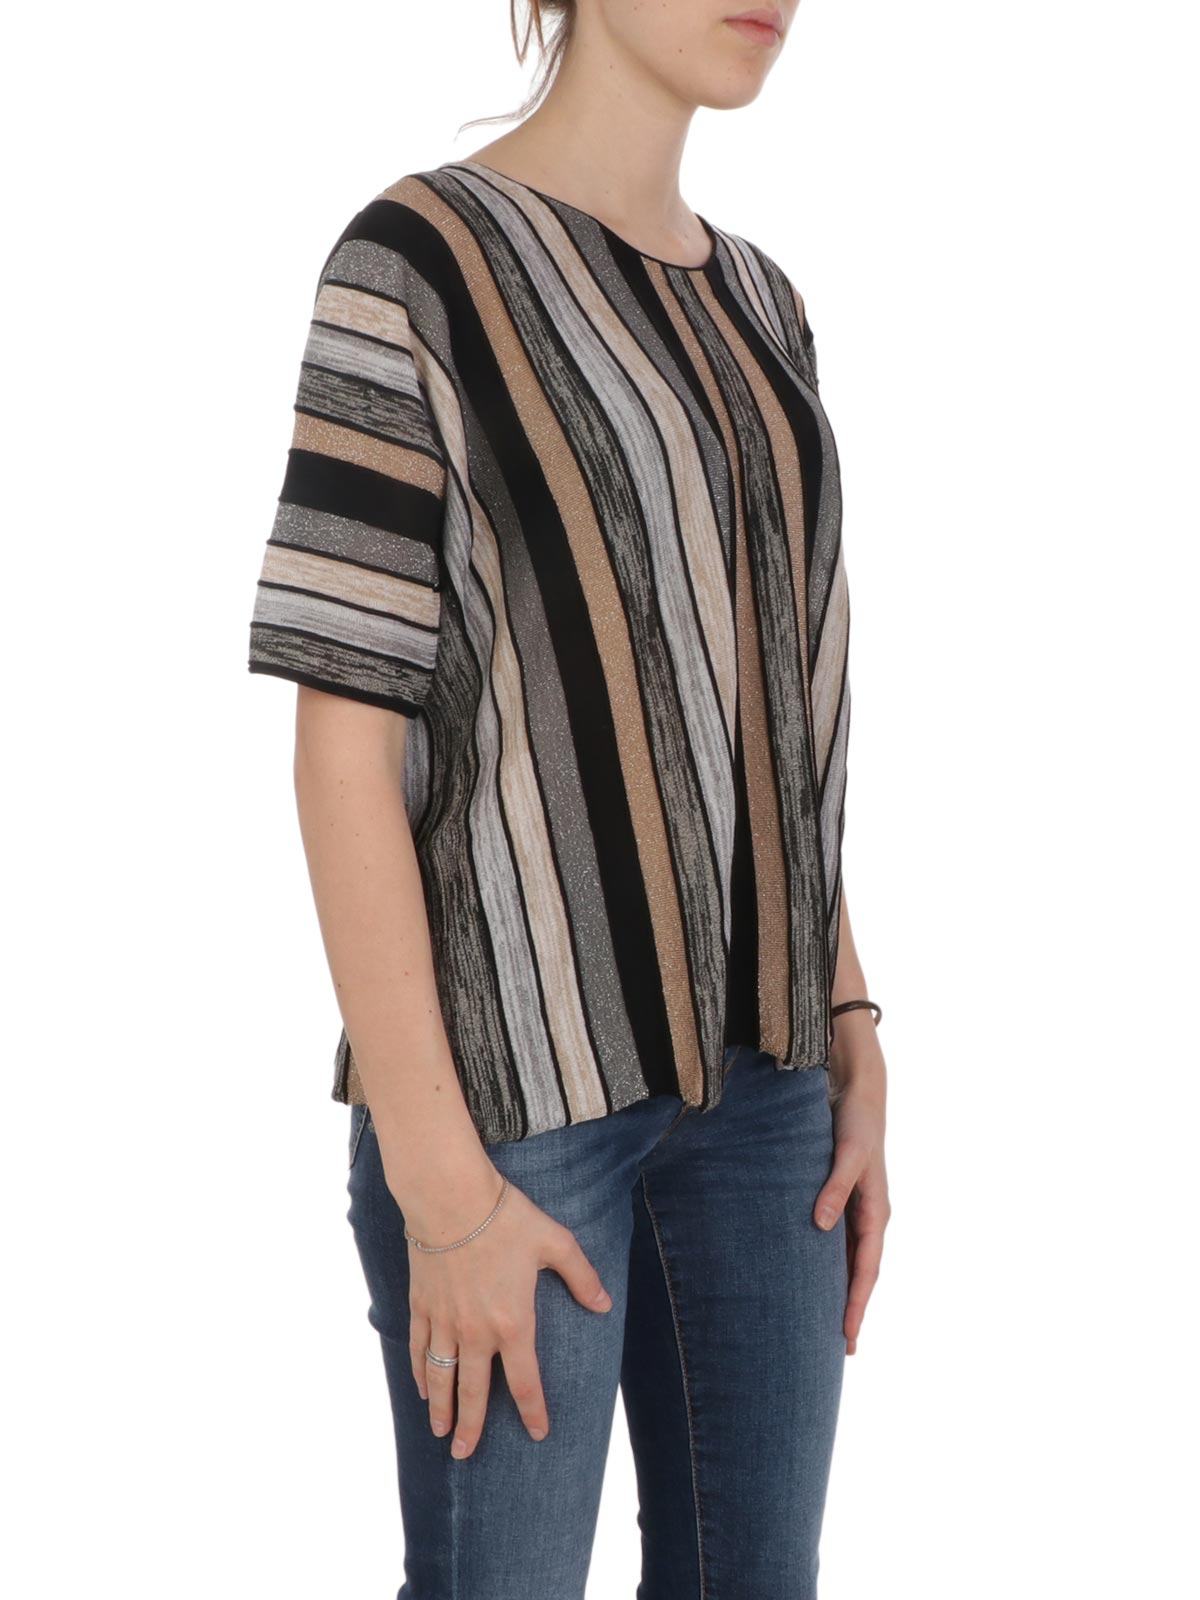 Immagine di KANGRA | T-Shirt Donna Tricot a Righe